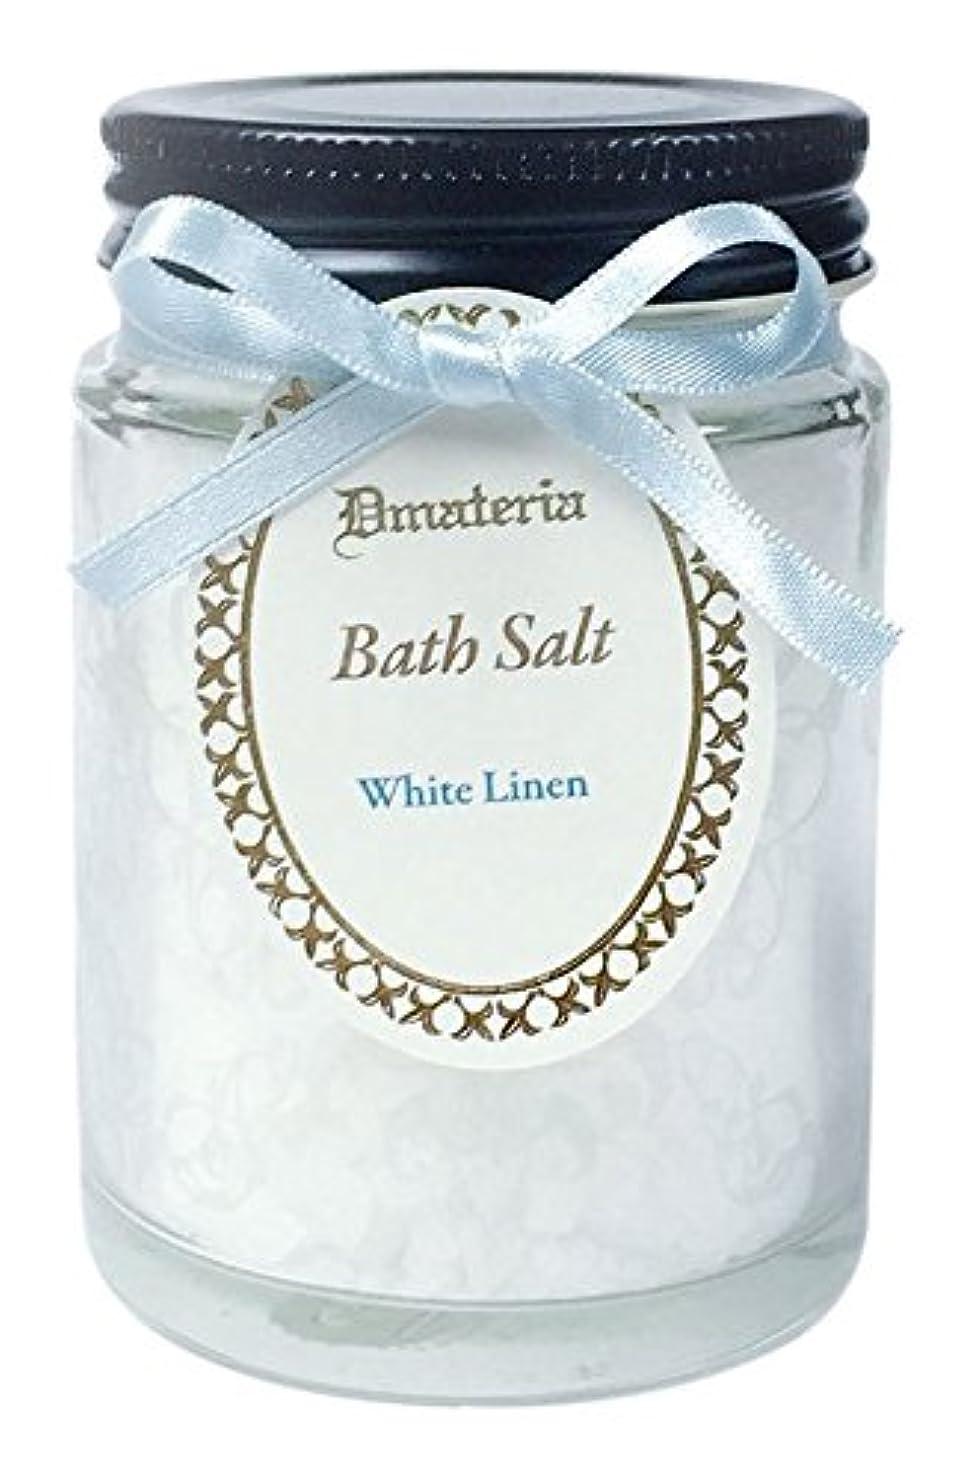 マークされたテンションゲームD materia バスソルト ホワイトリネン White Linen Bath Salt ディーマテリア